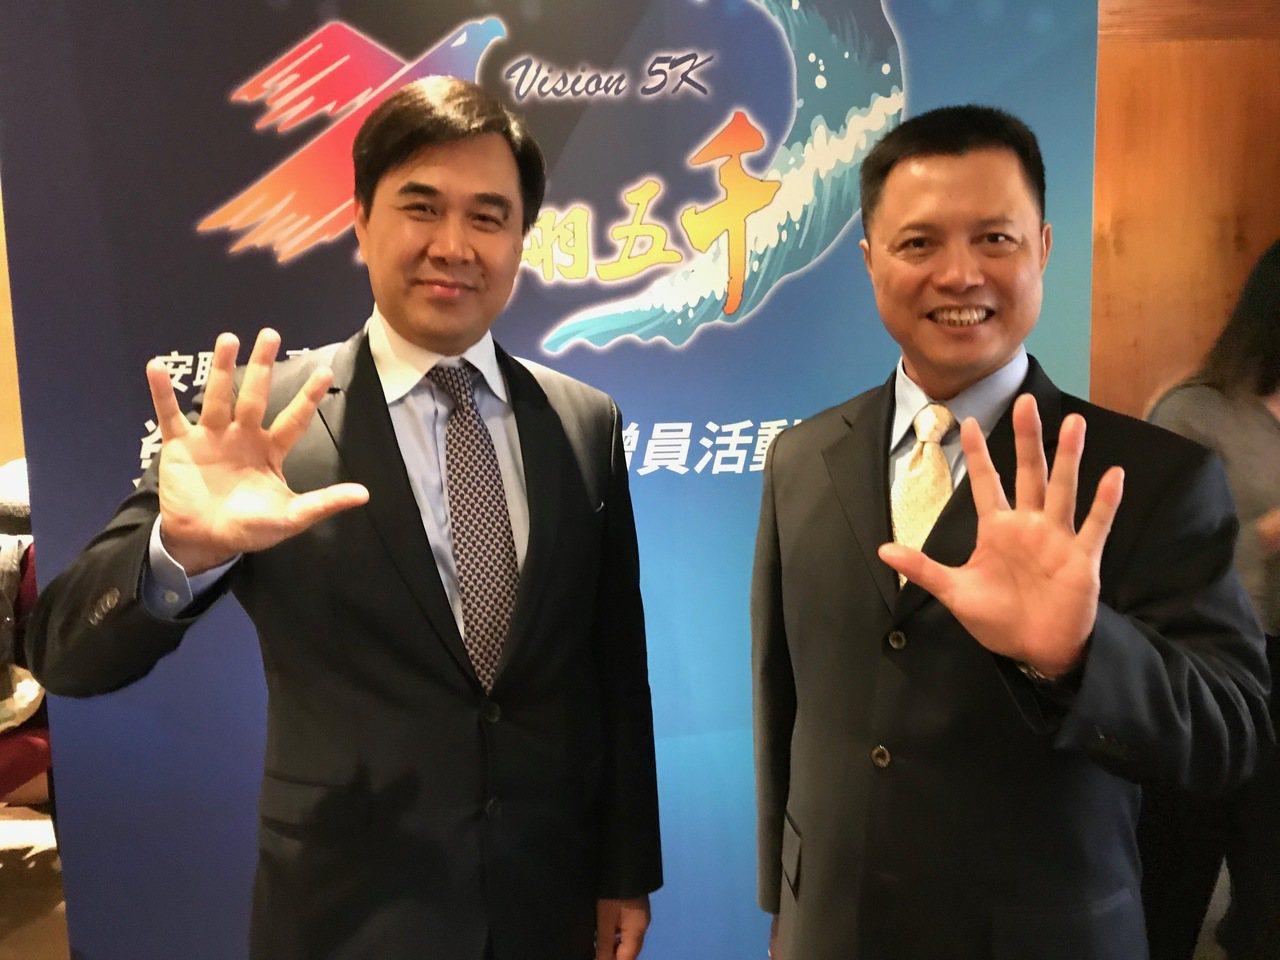 安聯人壽總經理林順才(左)、業務長楊國基(右),雙雙用手掌比出「5」的數字,宣示...